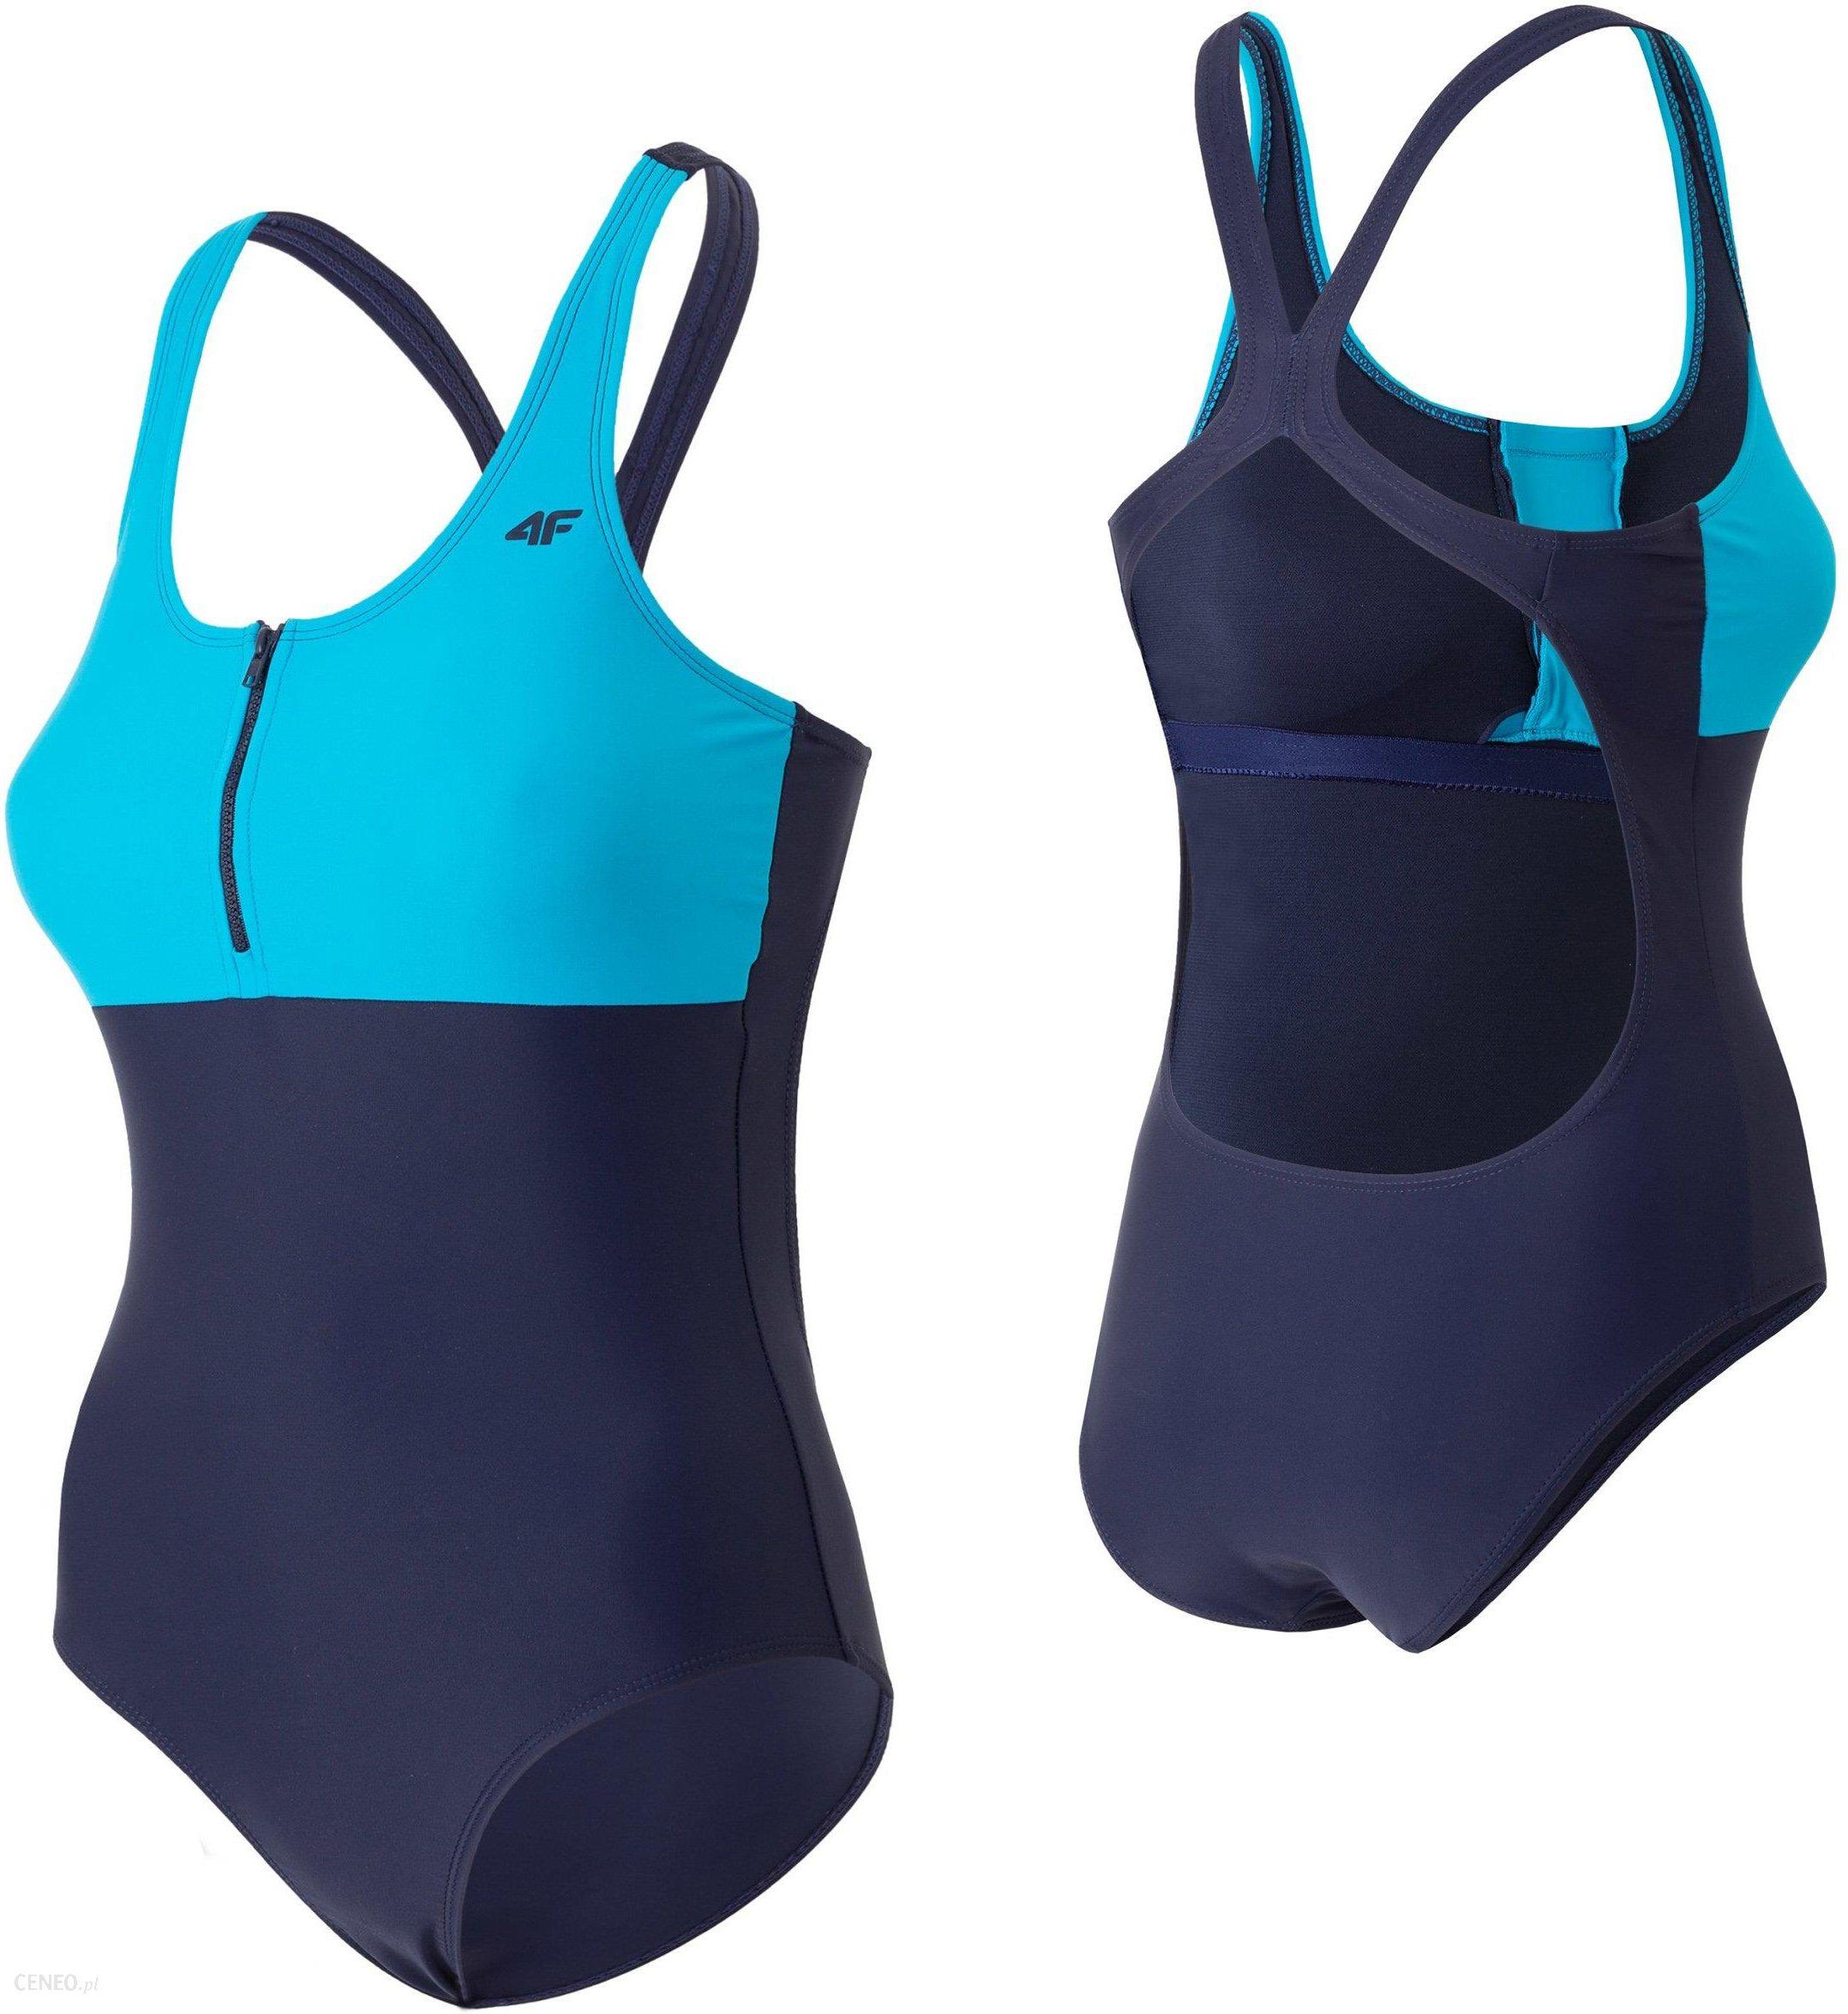 4F Kostium pływacki strój kąpielowy granatowy sklep